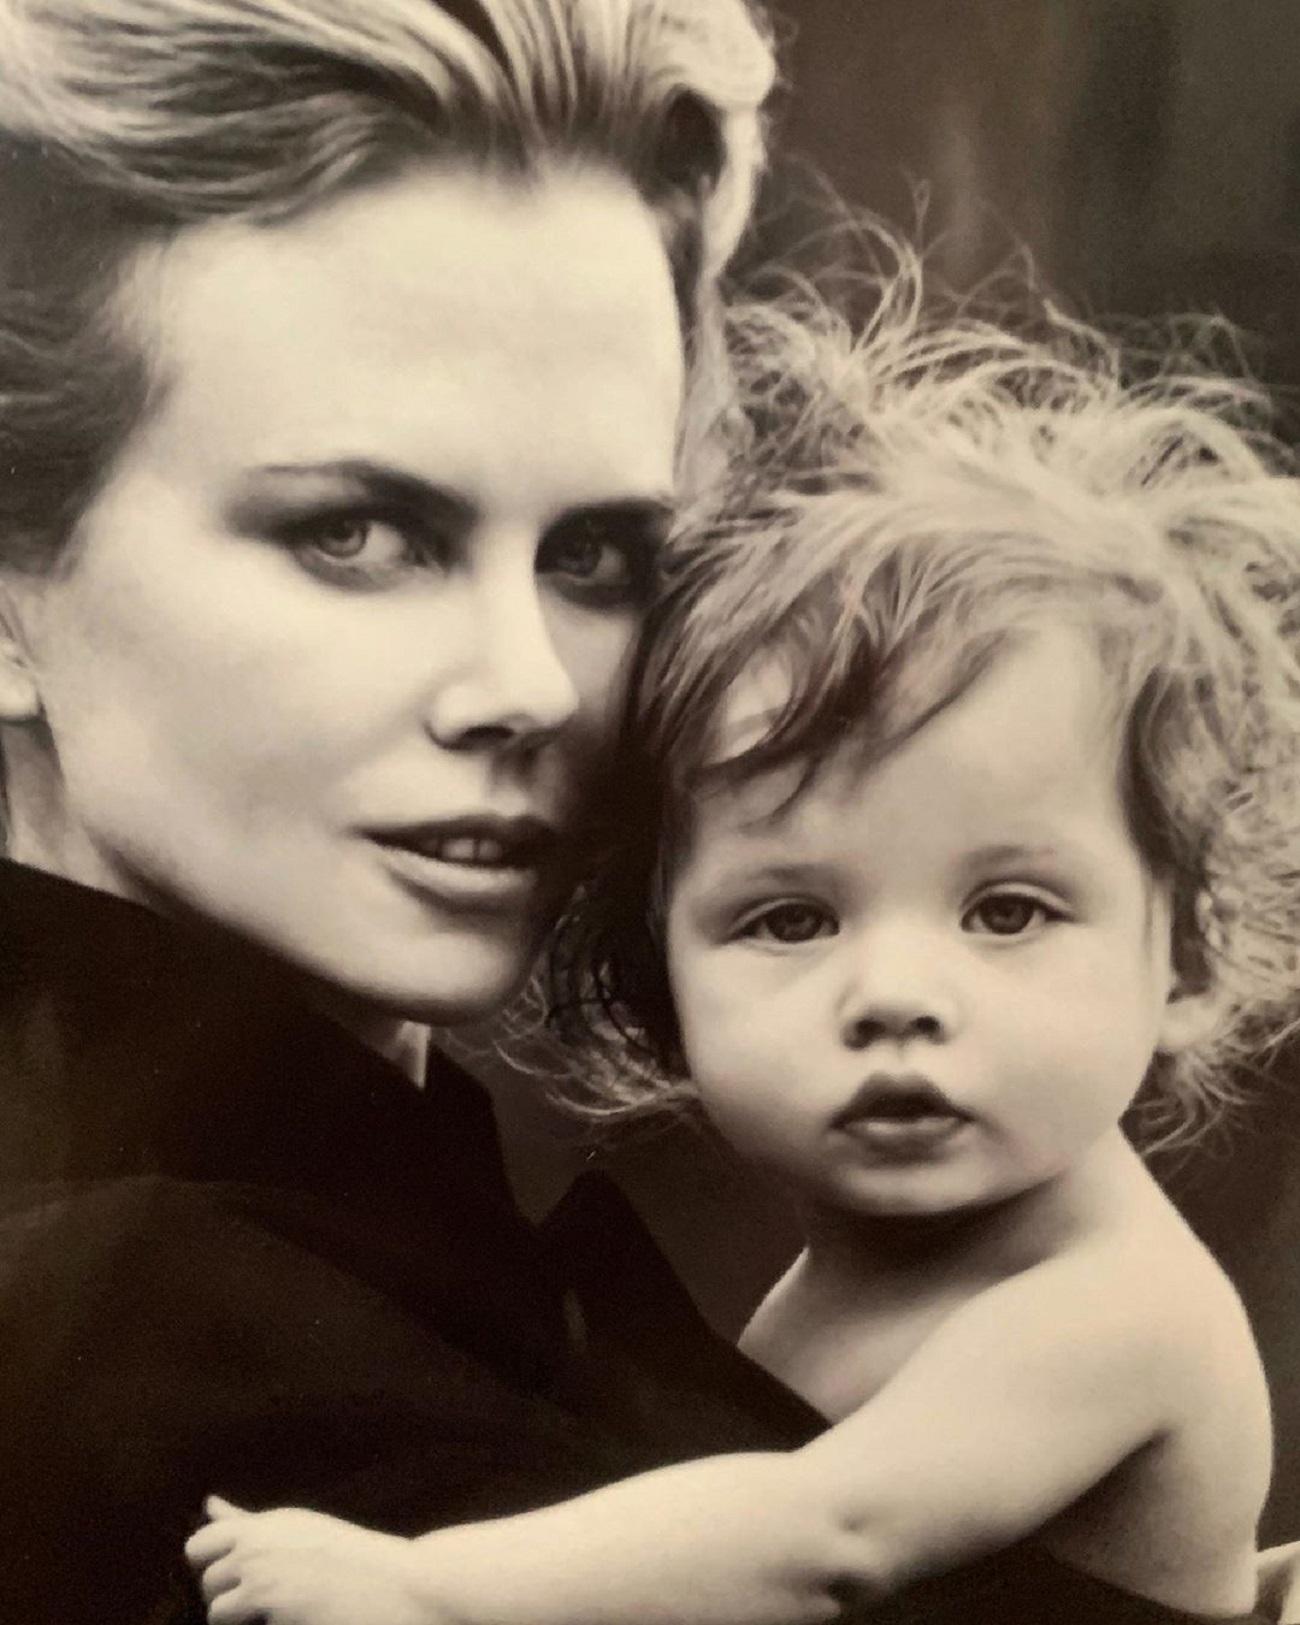 Идеальная мама: Николь Кидман эмоционально поздравила дочь с 10-летием